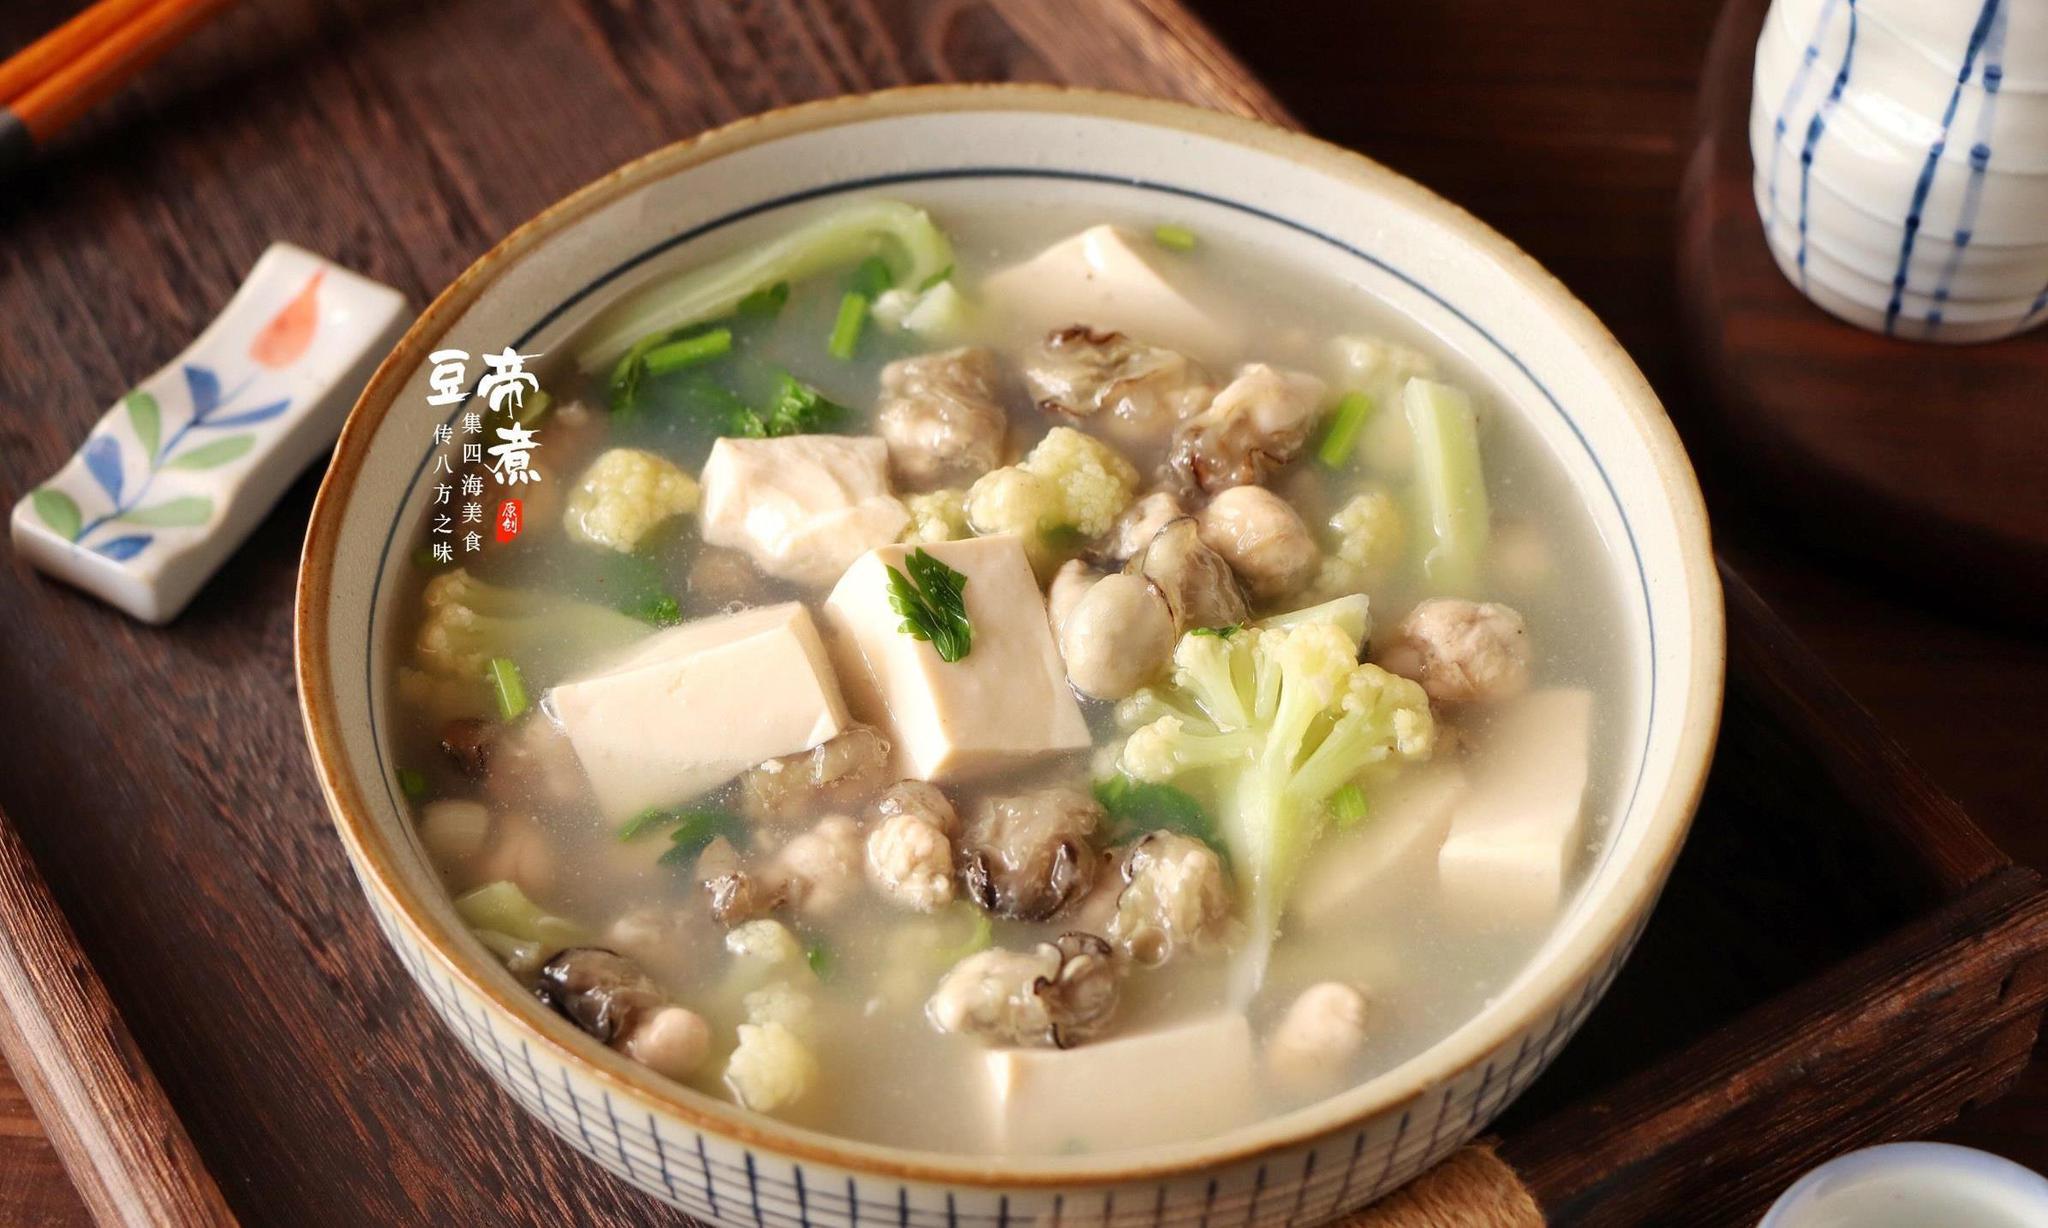 大雪过后要常吃这7道汤,整个冬季再也不怕冷,我家几天必做一次